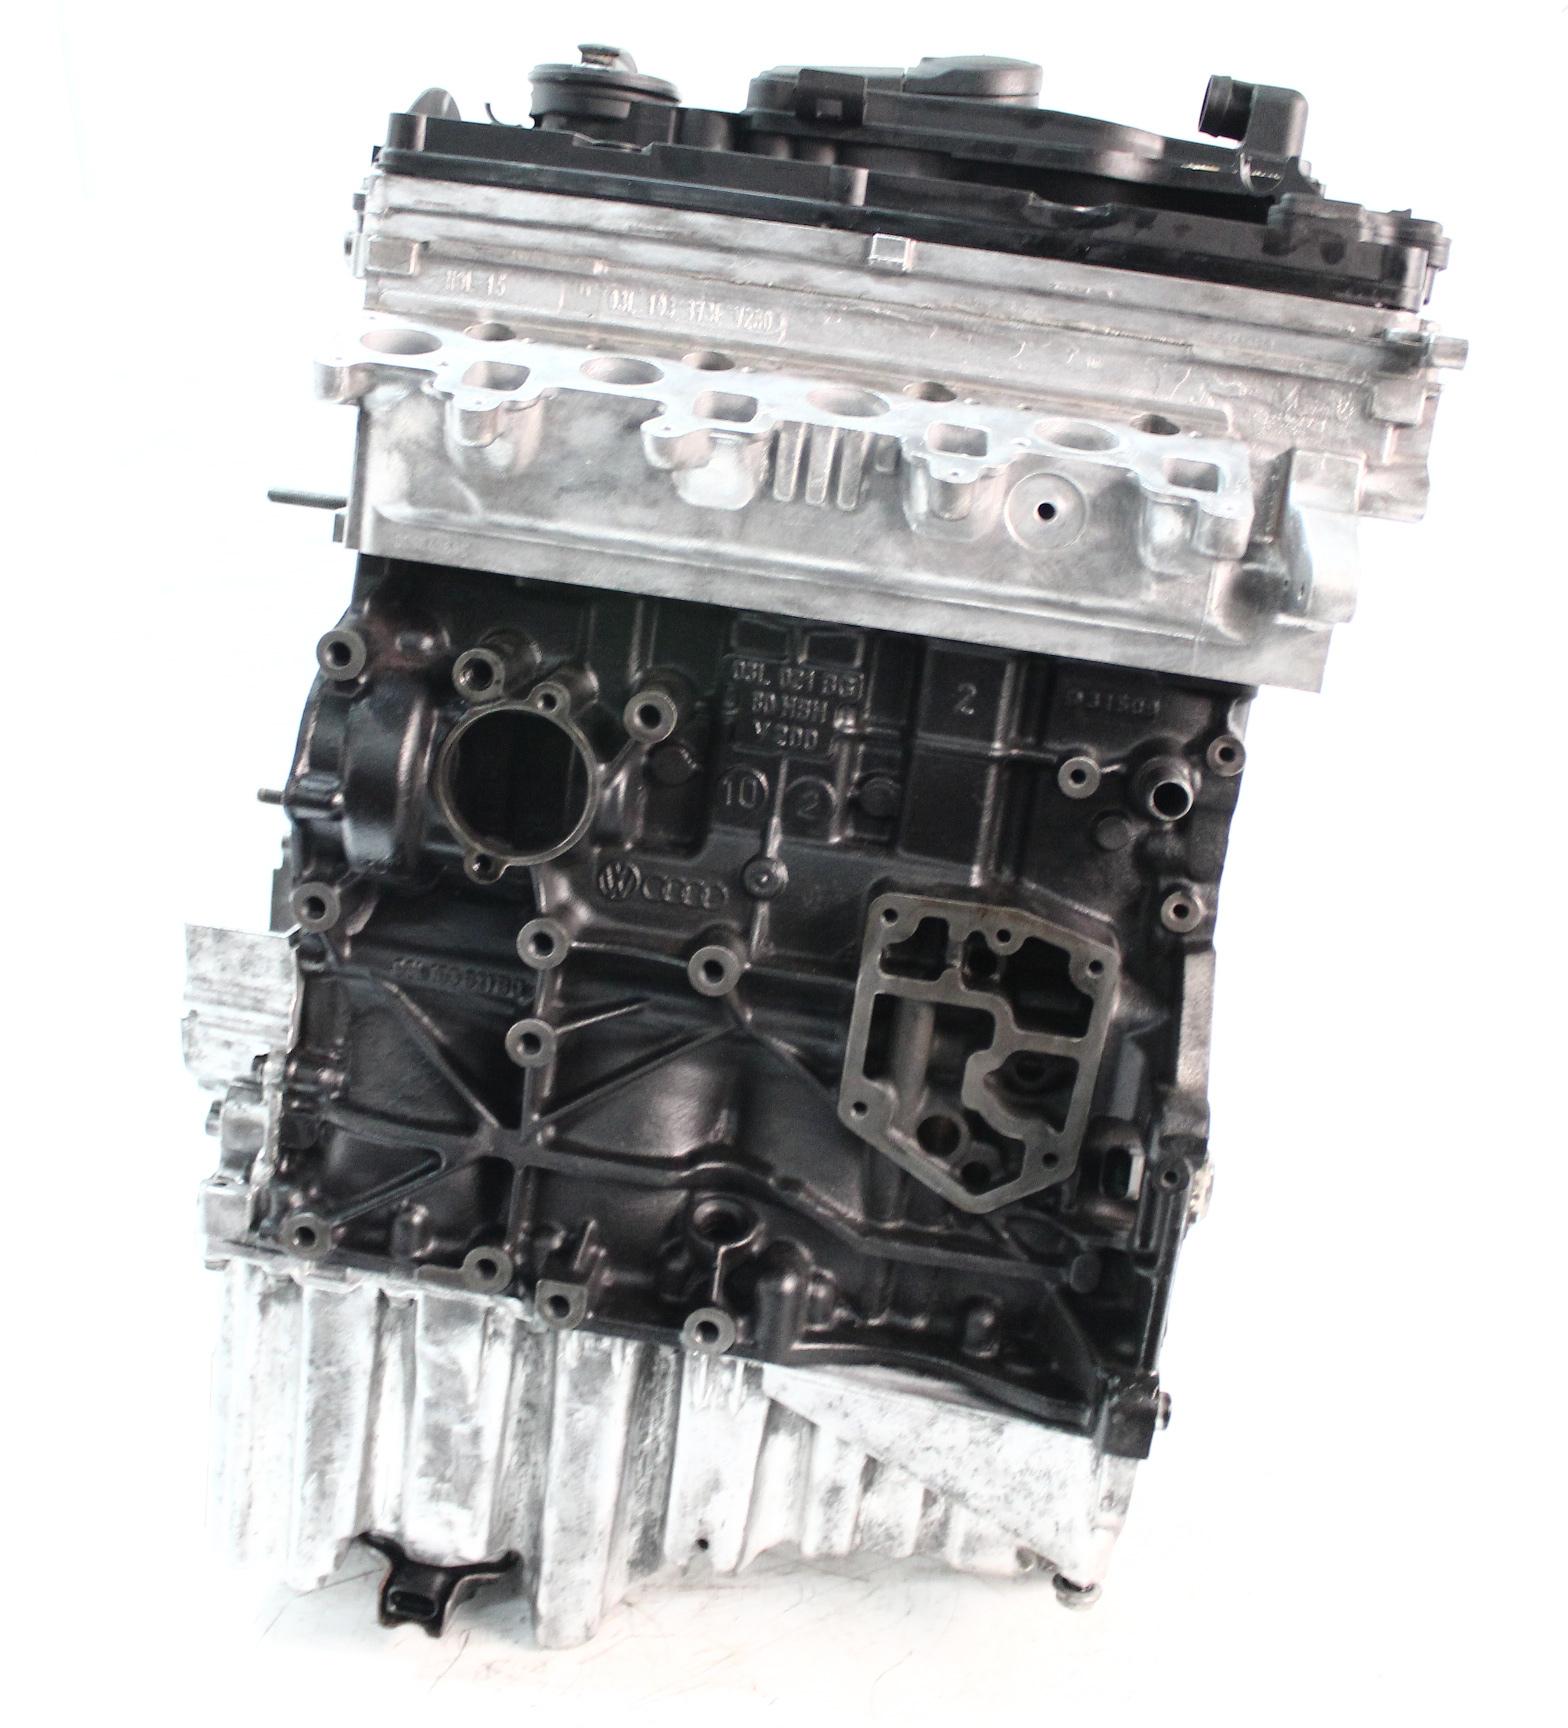 Motor 2010 Audi Seat A4 A5 A6 Q5 Exeo 2,0 TDI CAG CAGA Kolben NEU Kopf geplant